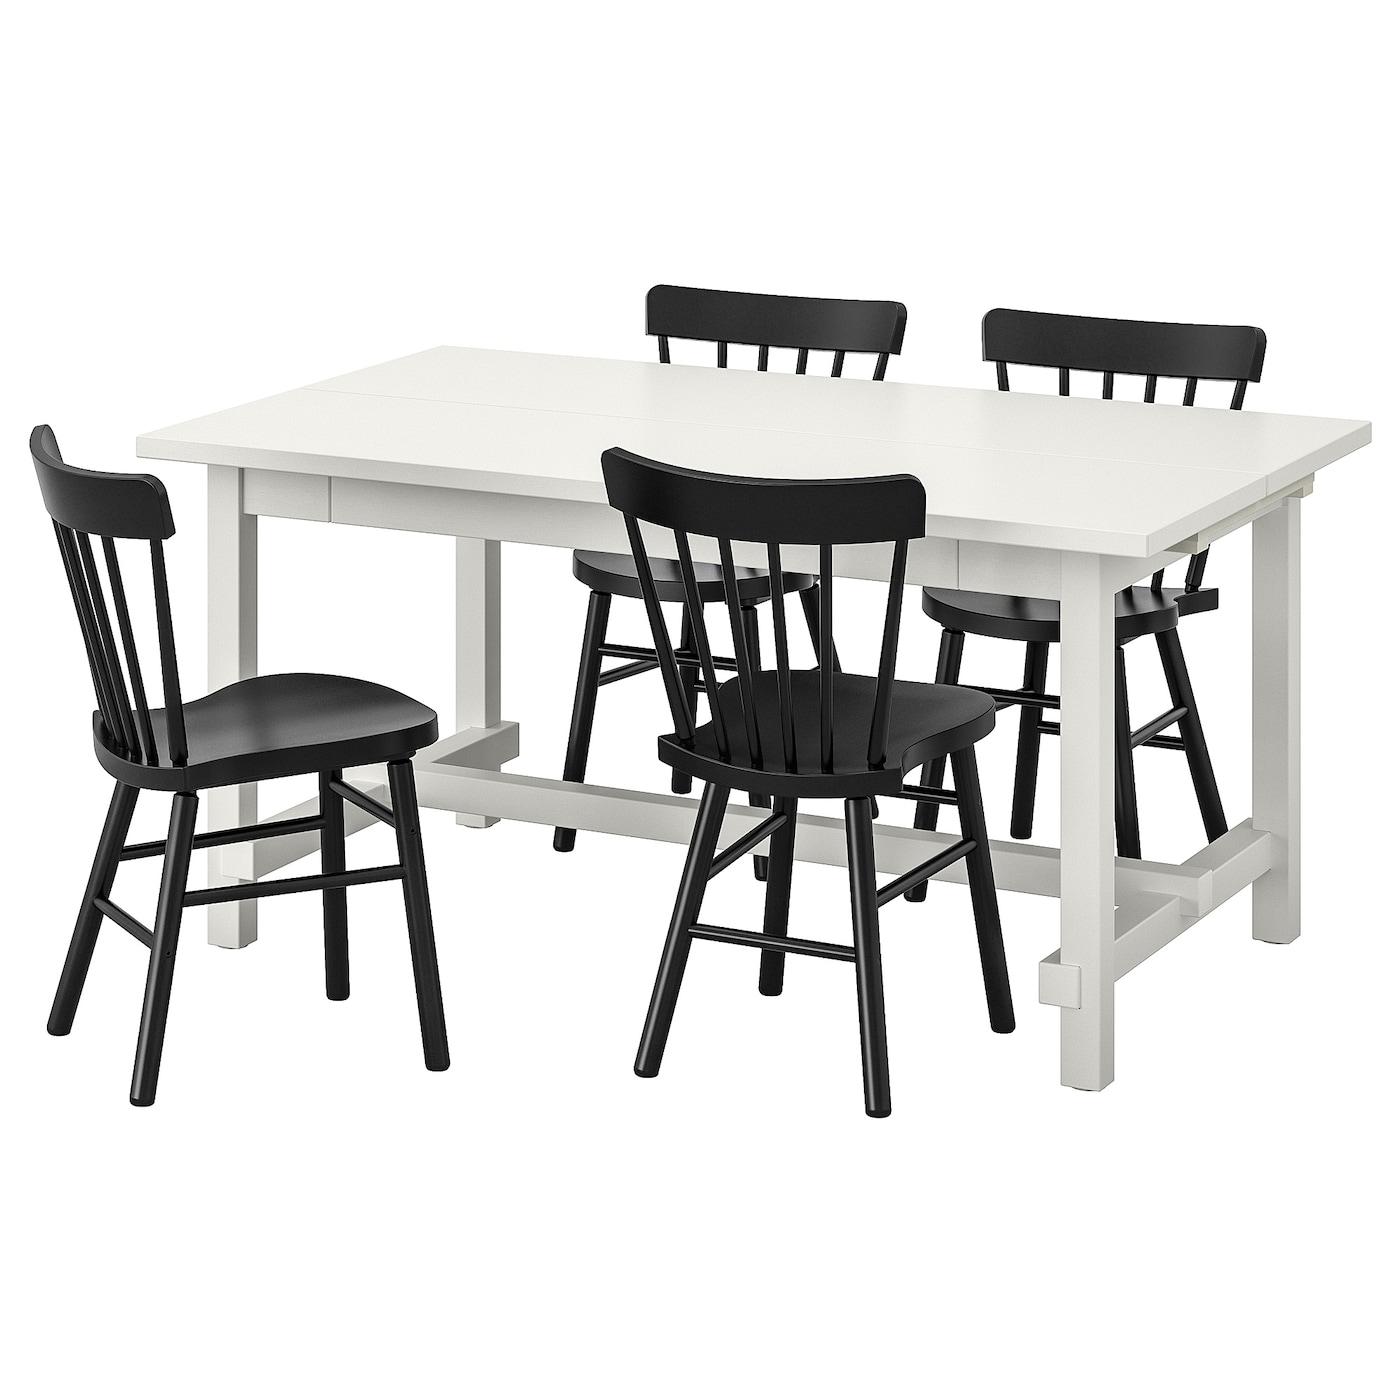 NORRARYD Stol, vit IKEA